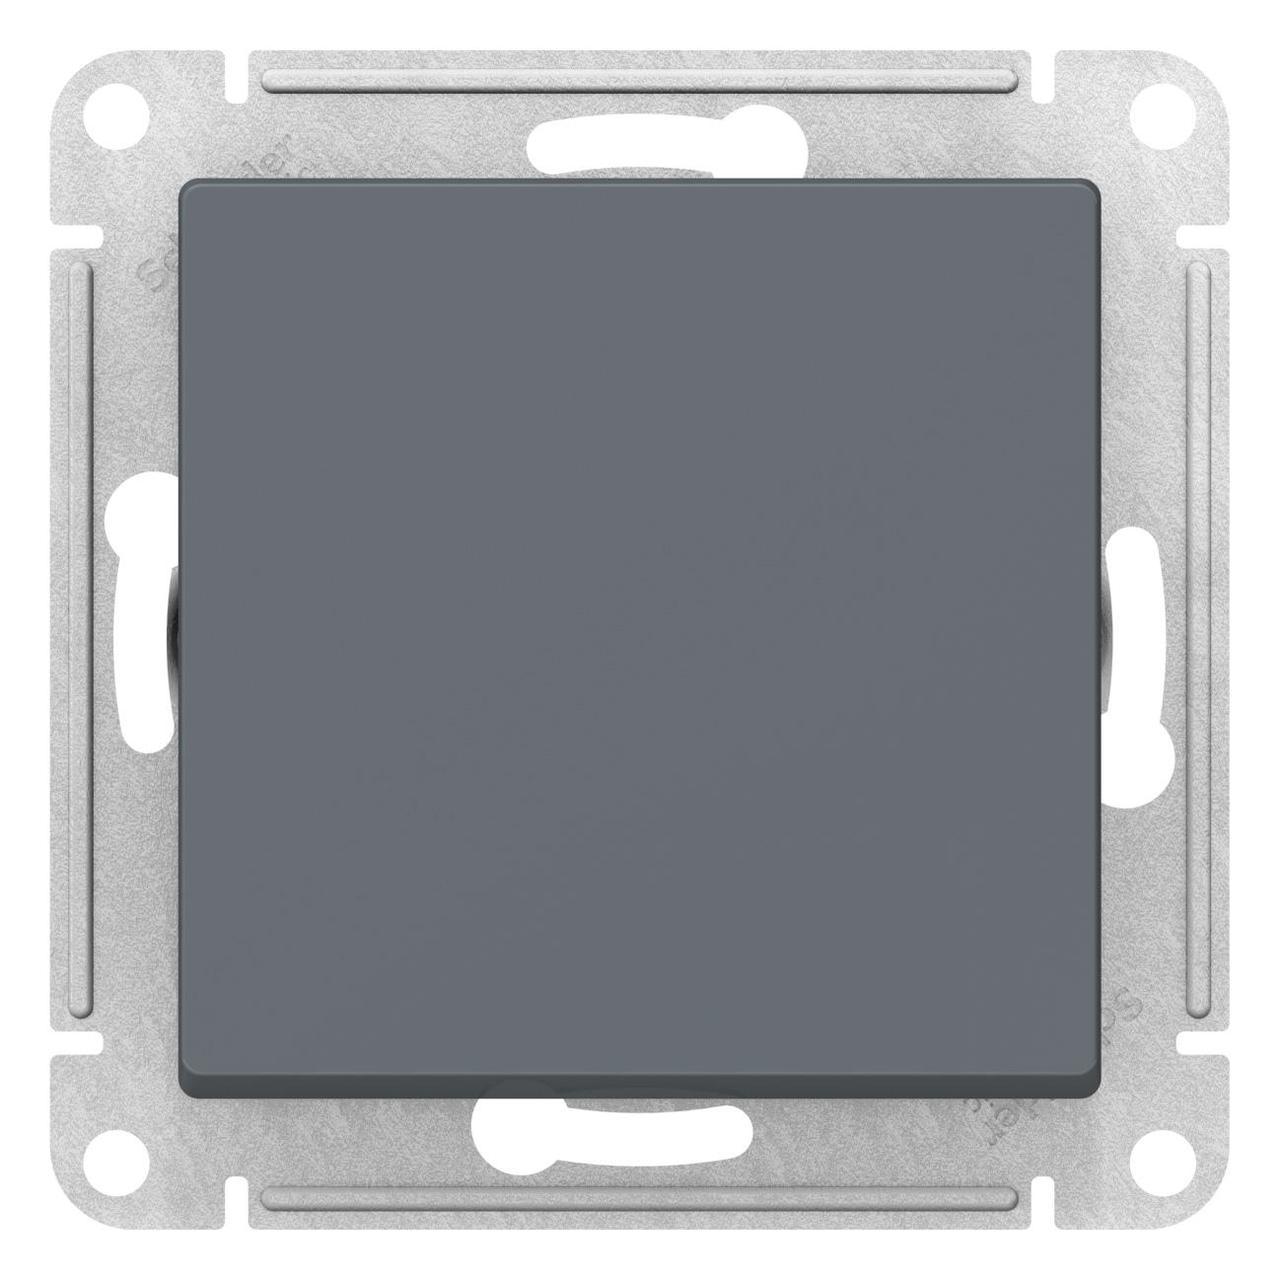 Выключатель 1-клавишный, перекрестный (с трех мест) , Грифель, серия Atlas Design, Schneider Electric